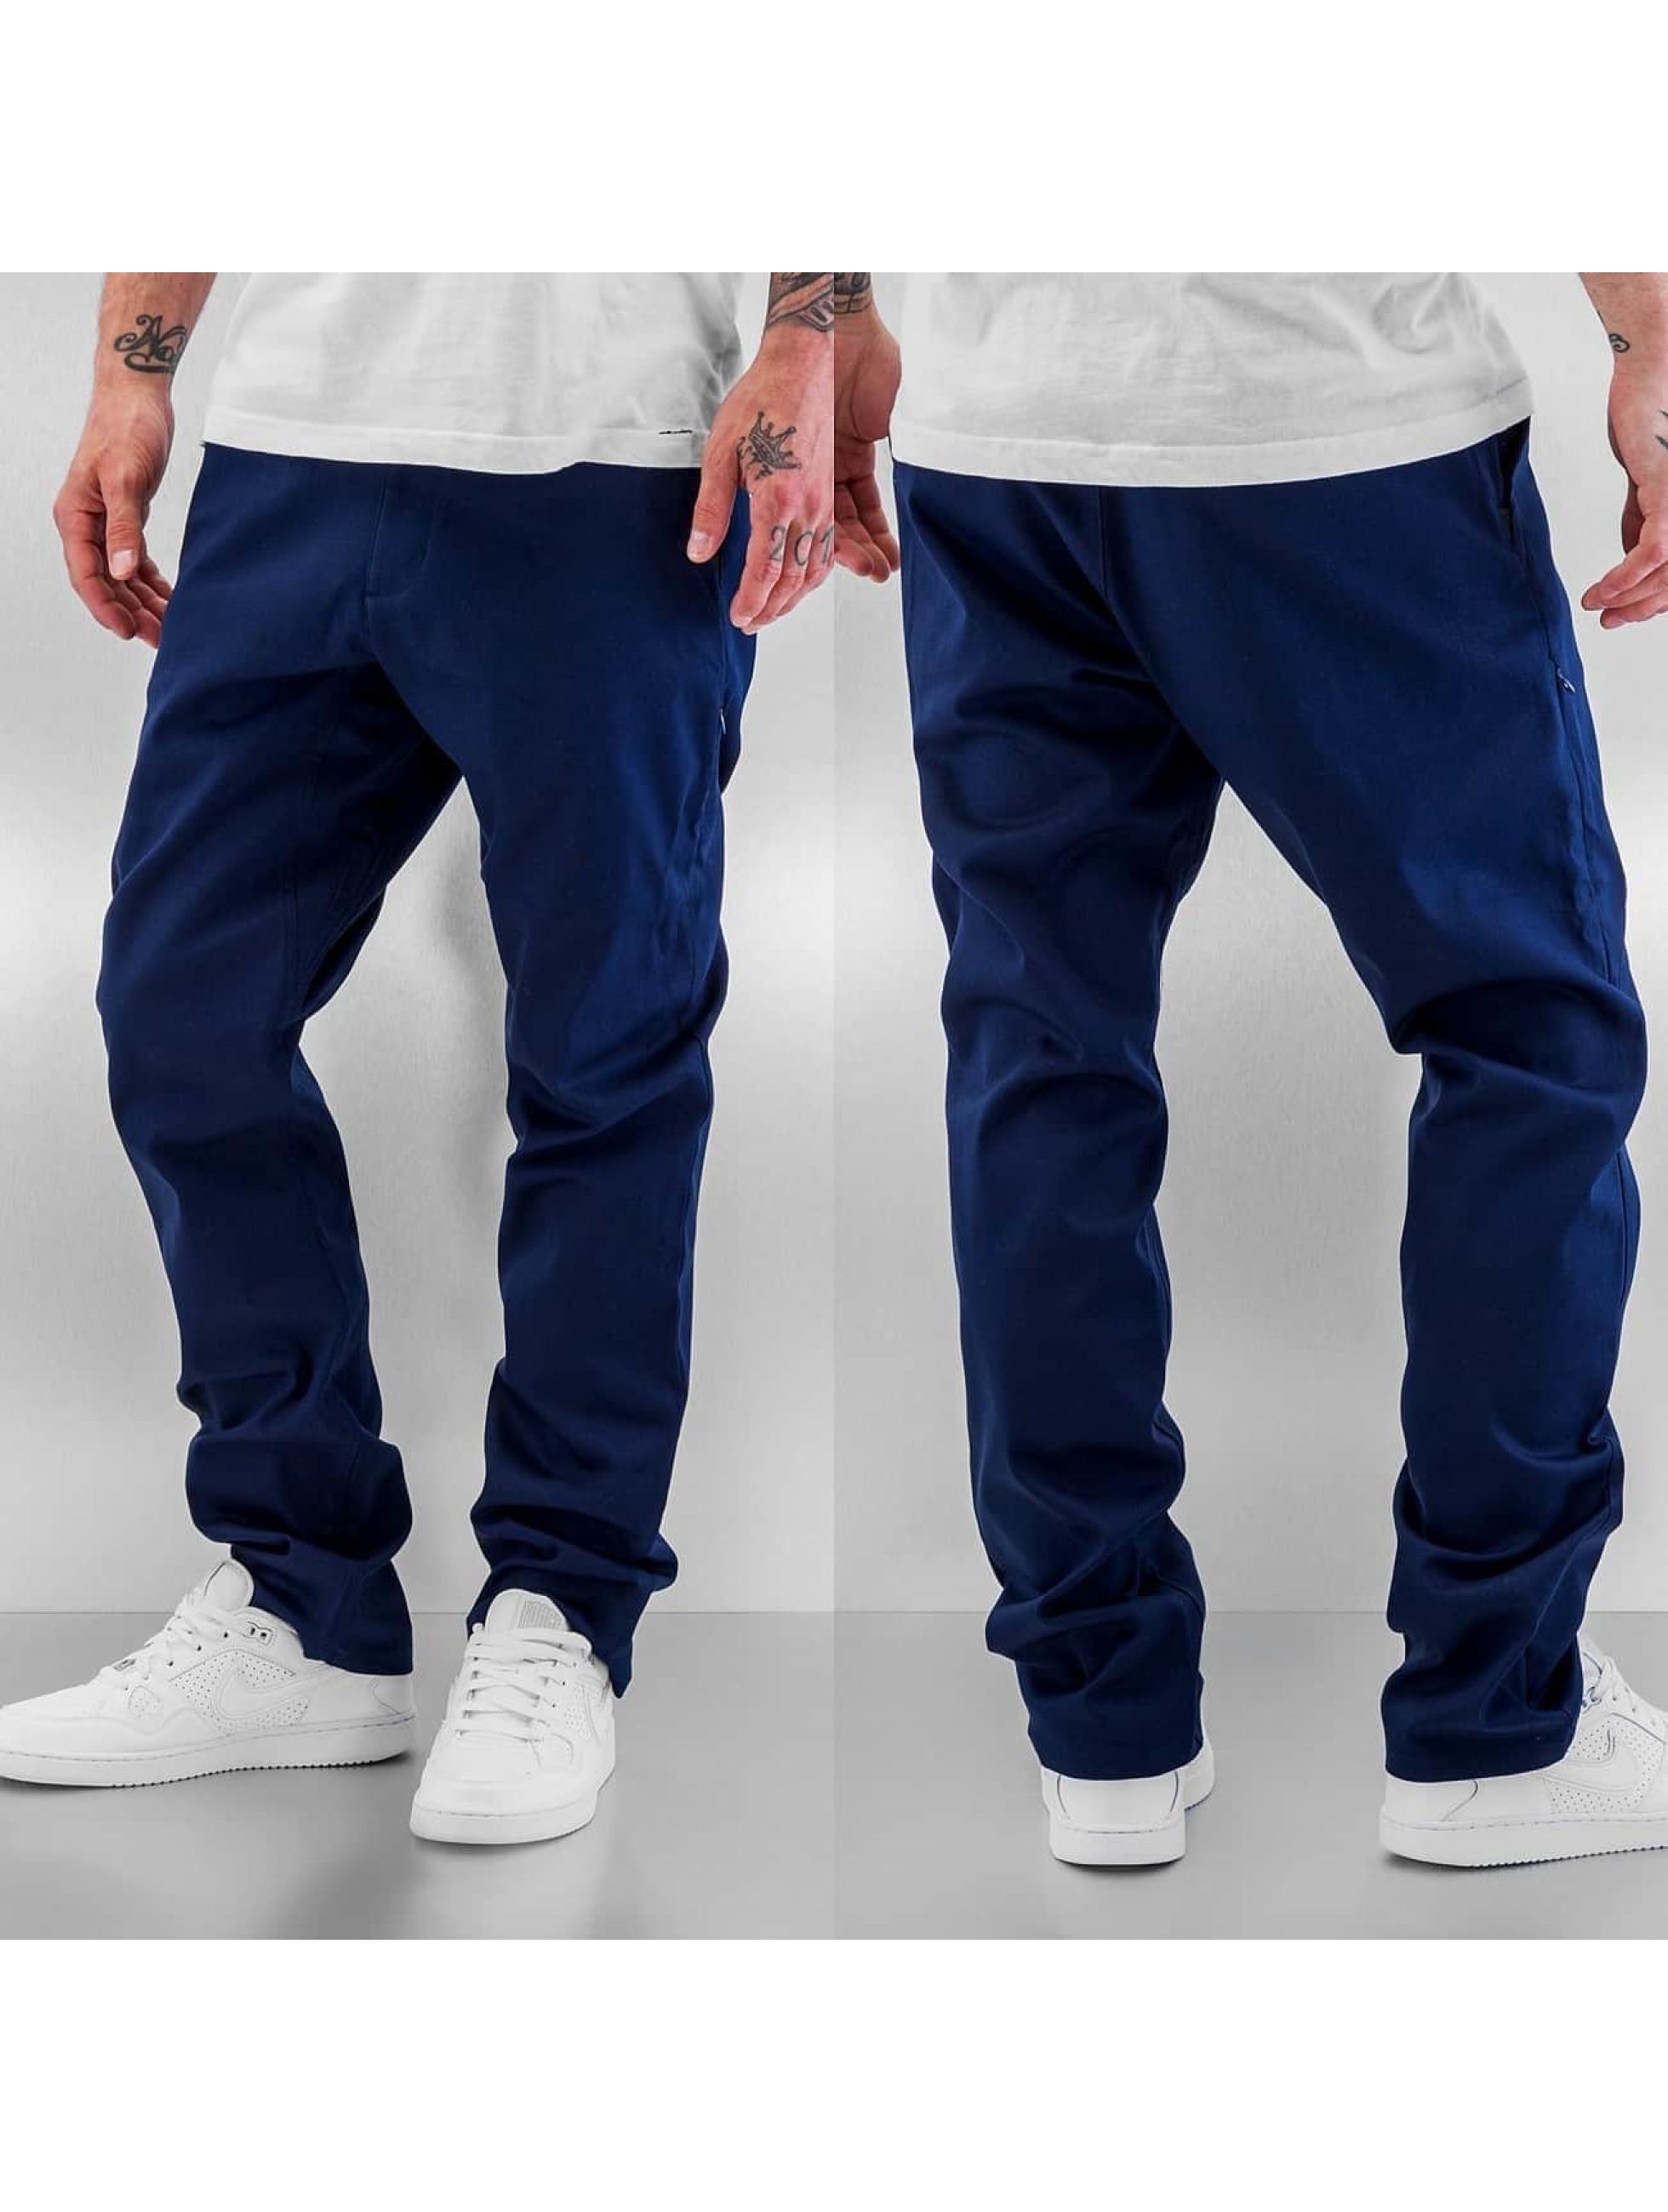 Nike SB Pantalon chino FTM bleu